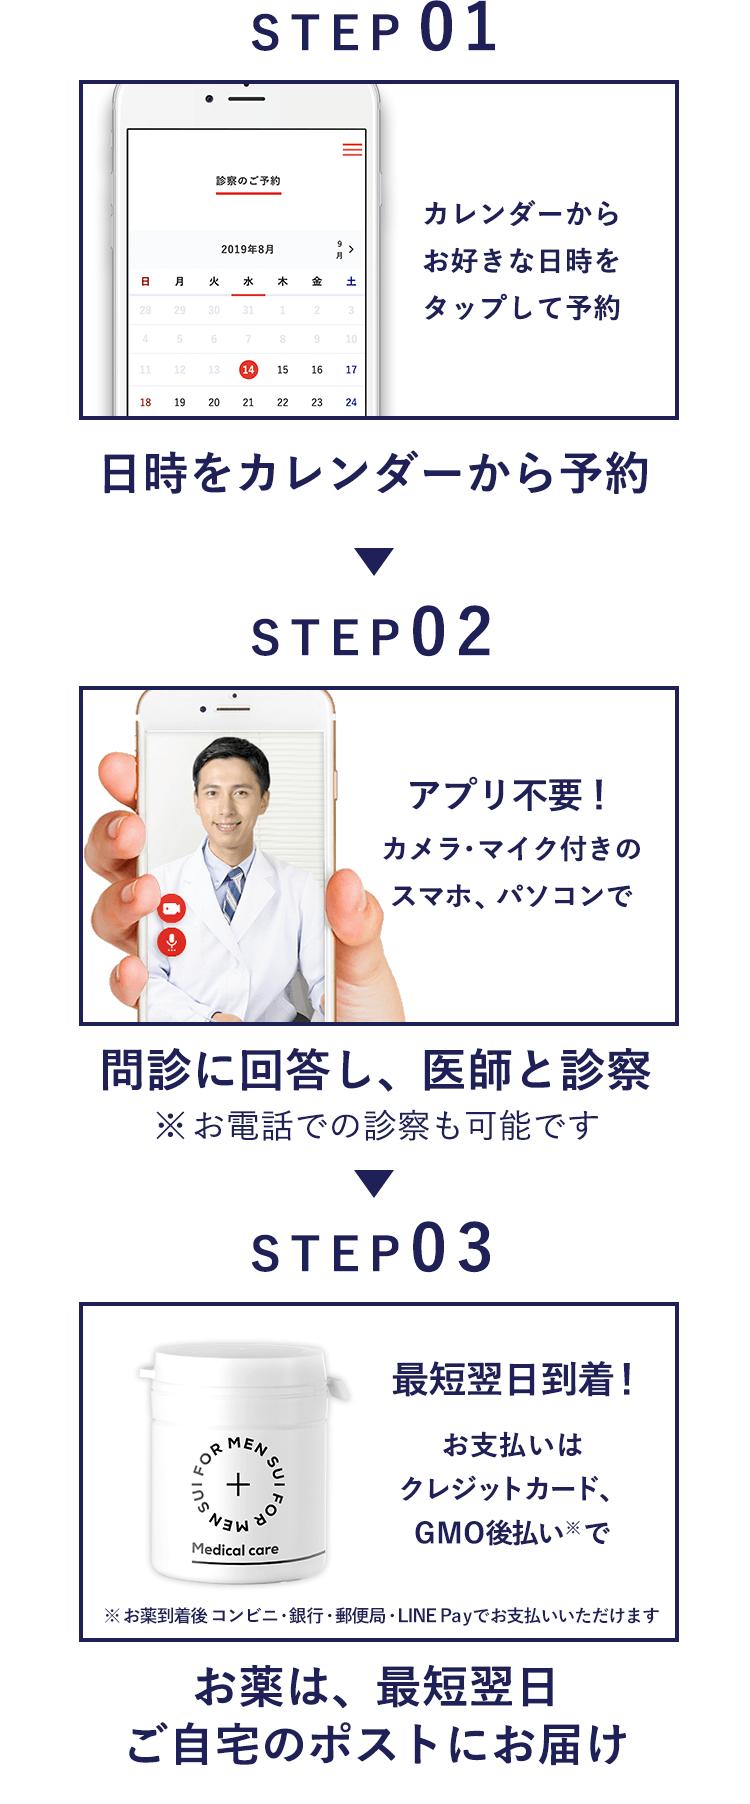 STEP01. 日時をカレンダーから予約 | STEP02. 問診に回答し、医師と診察 | STEP03. クレカ、GMO後払いで決済、薬は自宅へ